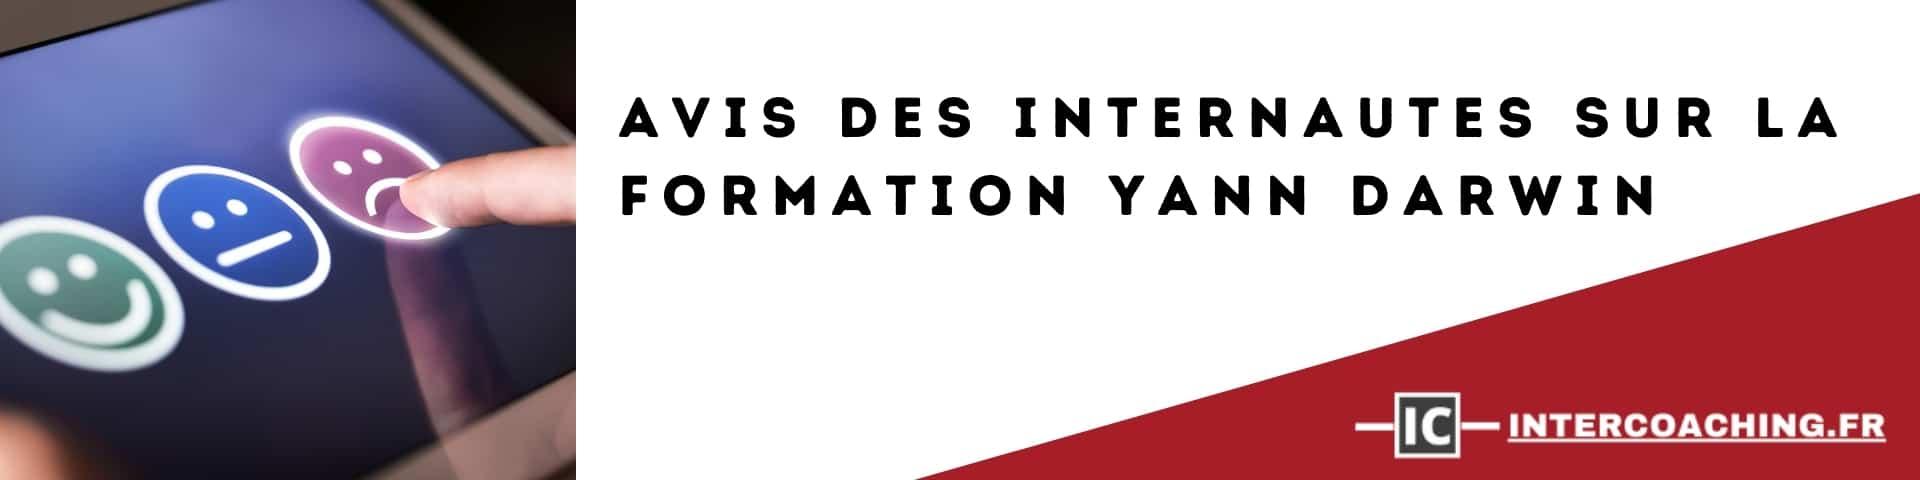 intercoaching Yann Darwin Avis